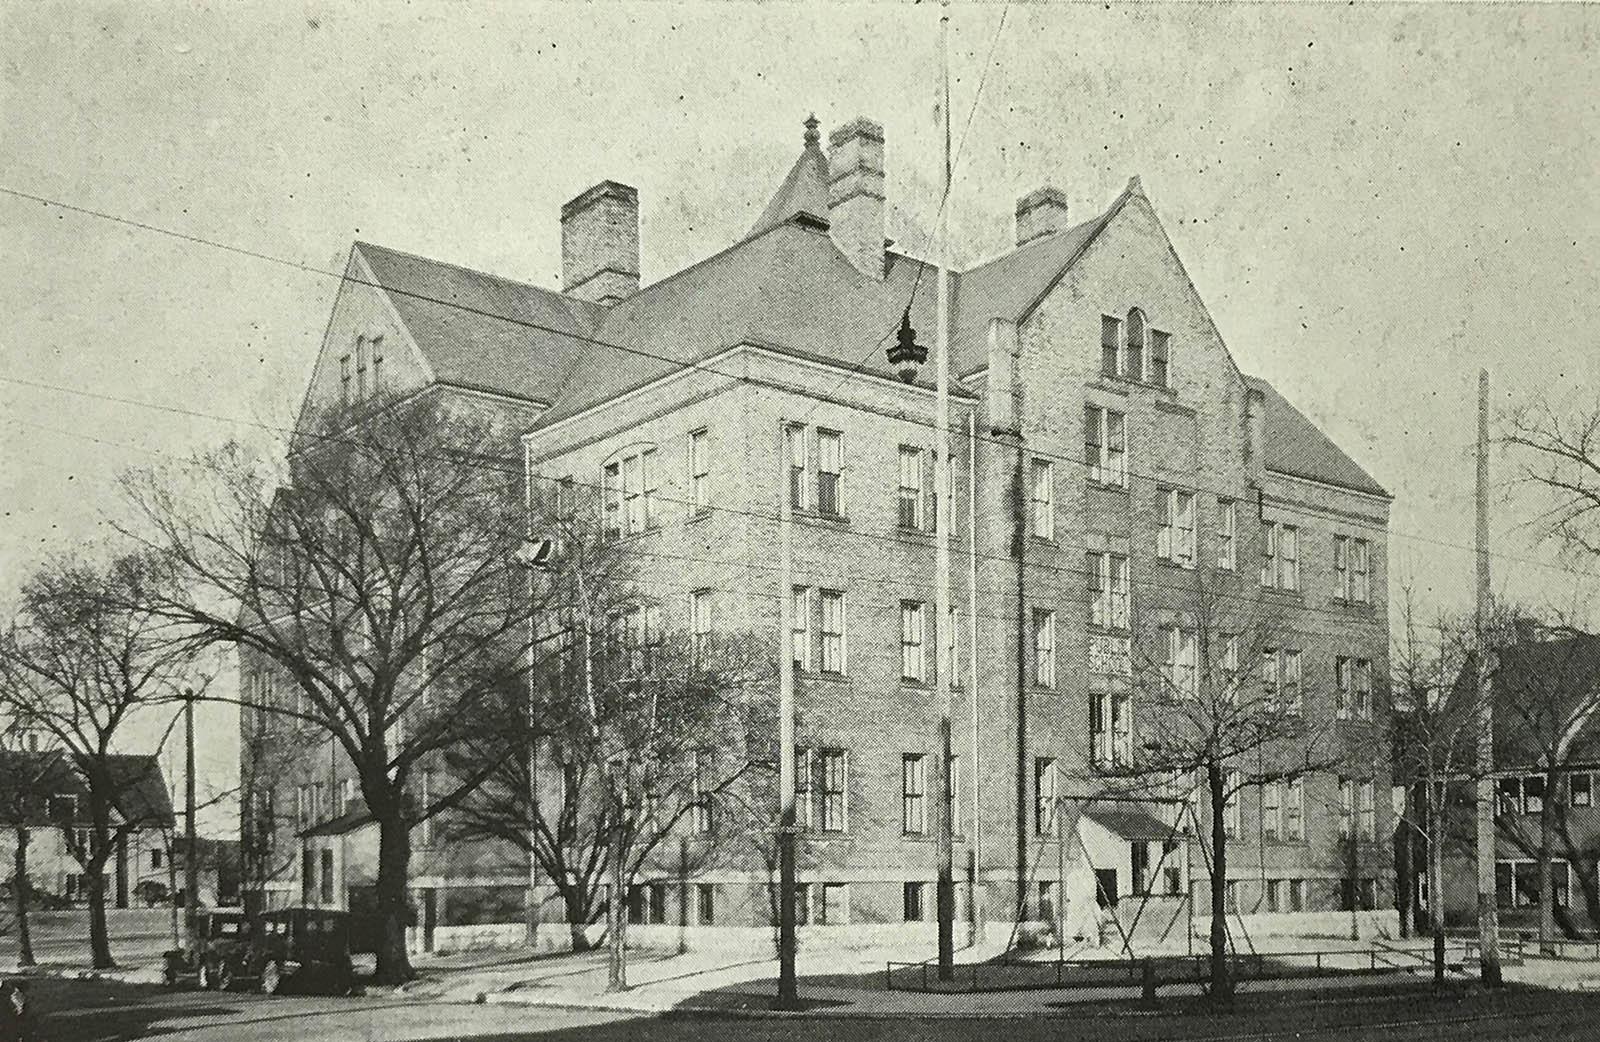 Pierce Street School